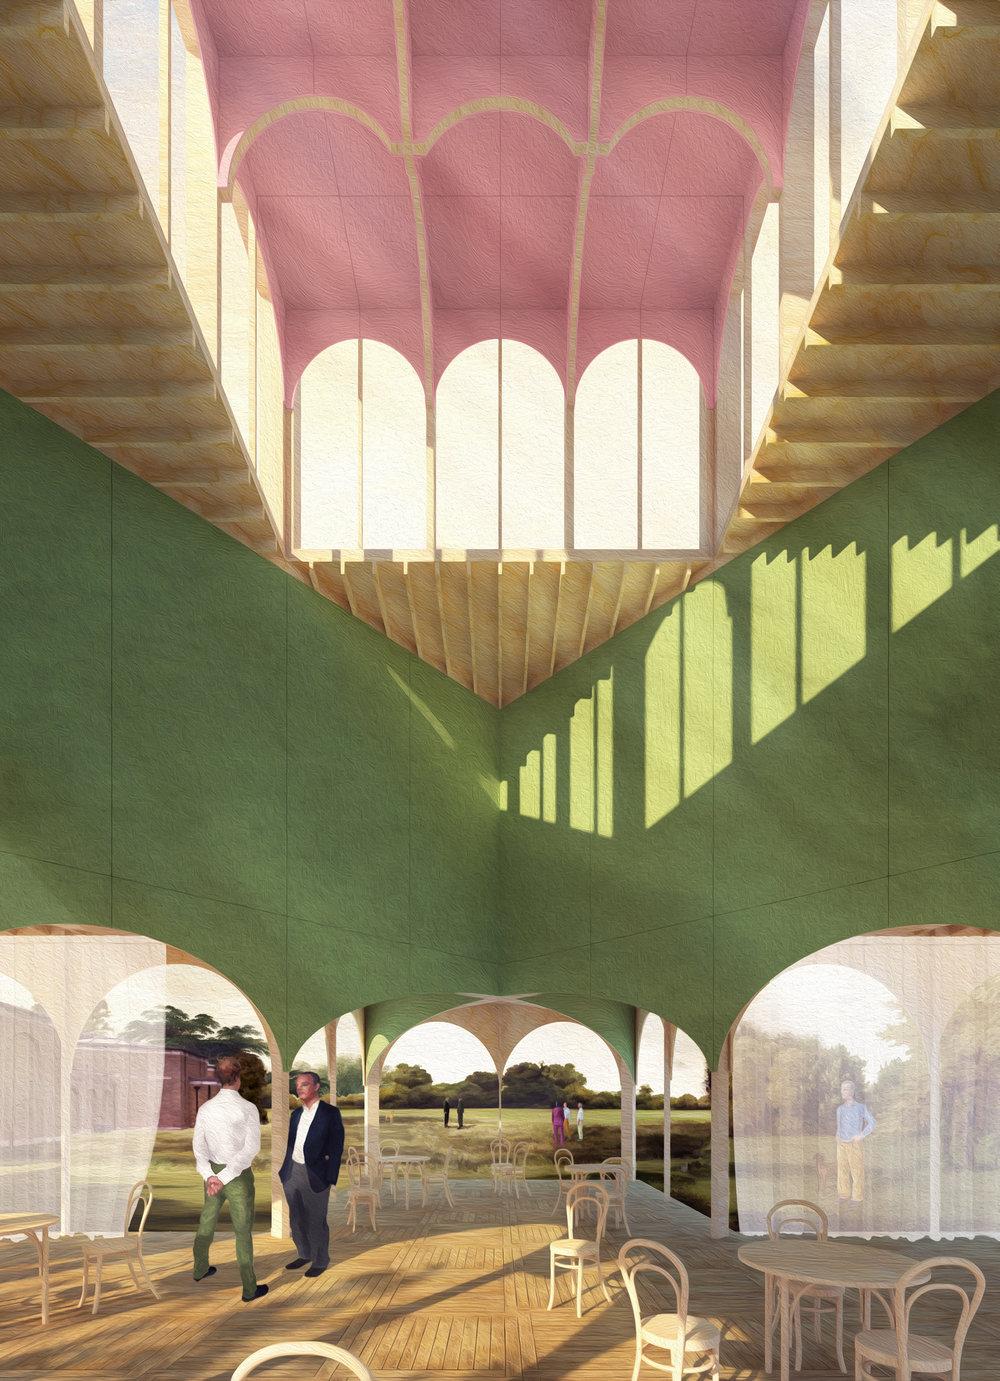 Tom Benton Architects, Hayatsu Architects and MJ Wells' shortlisted entry